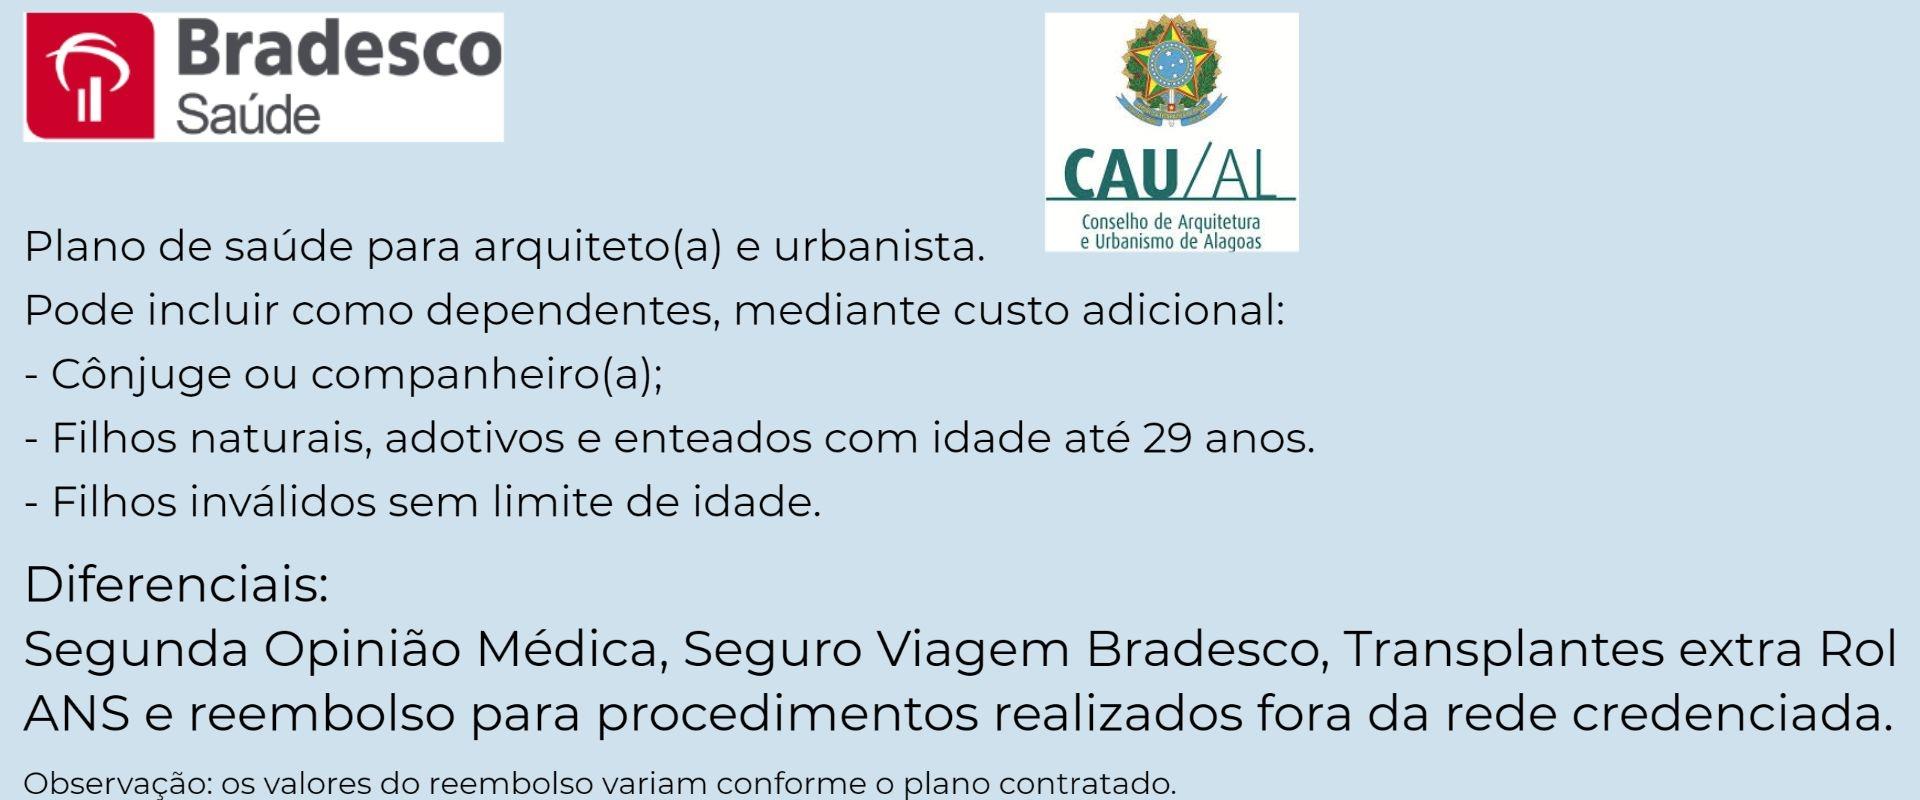 Bradesco Saúde CAU-AL